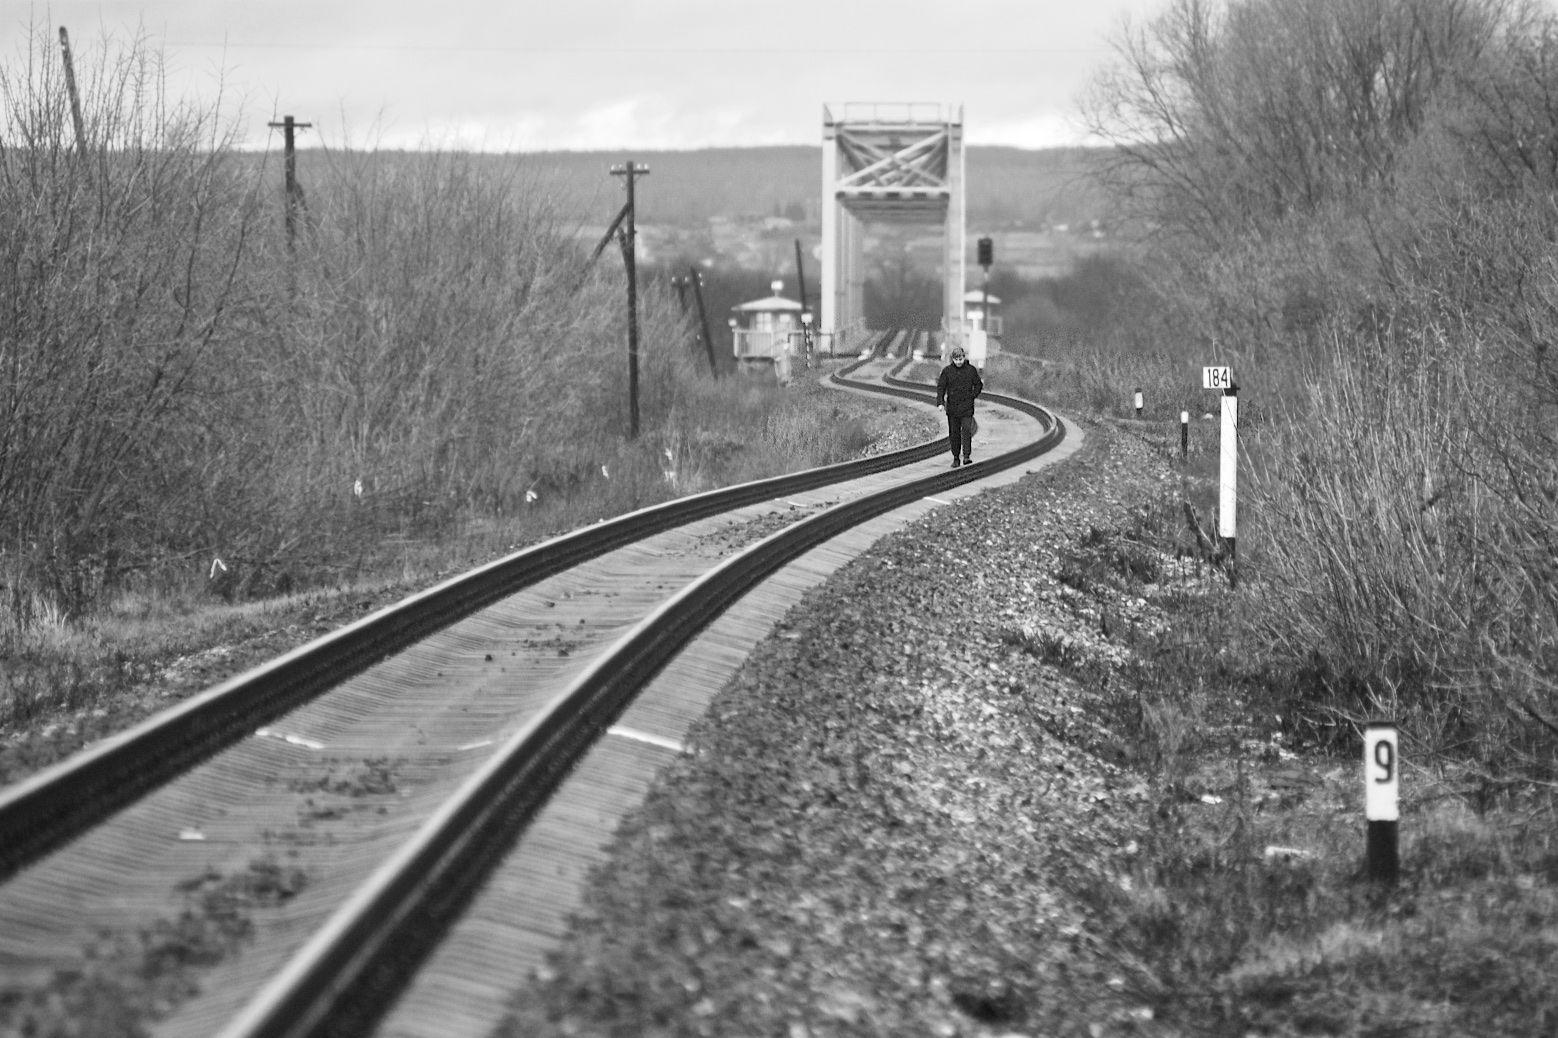 Дорога Окраина дорога путник железная